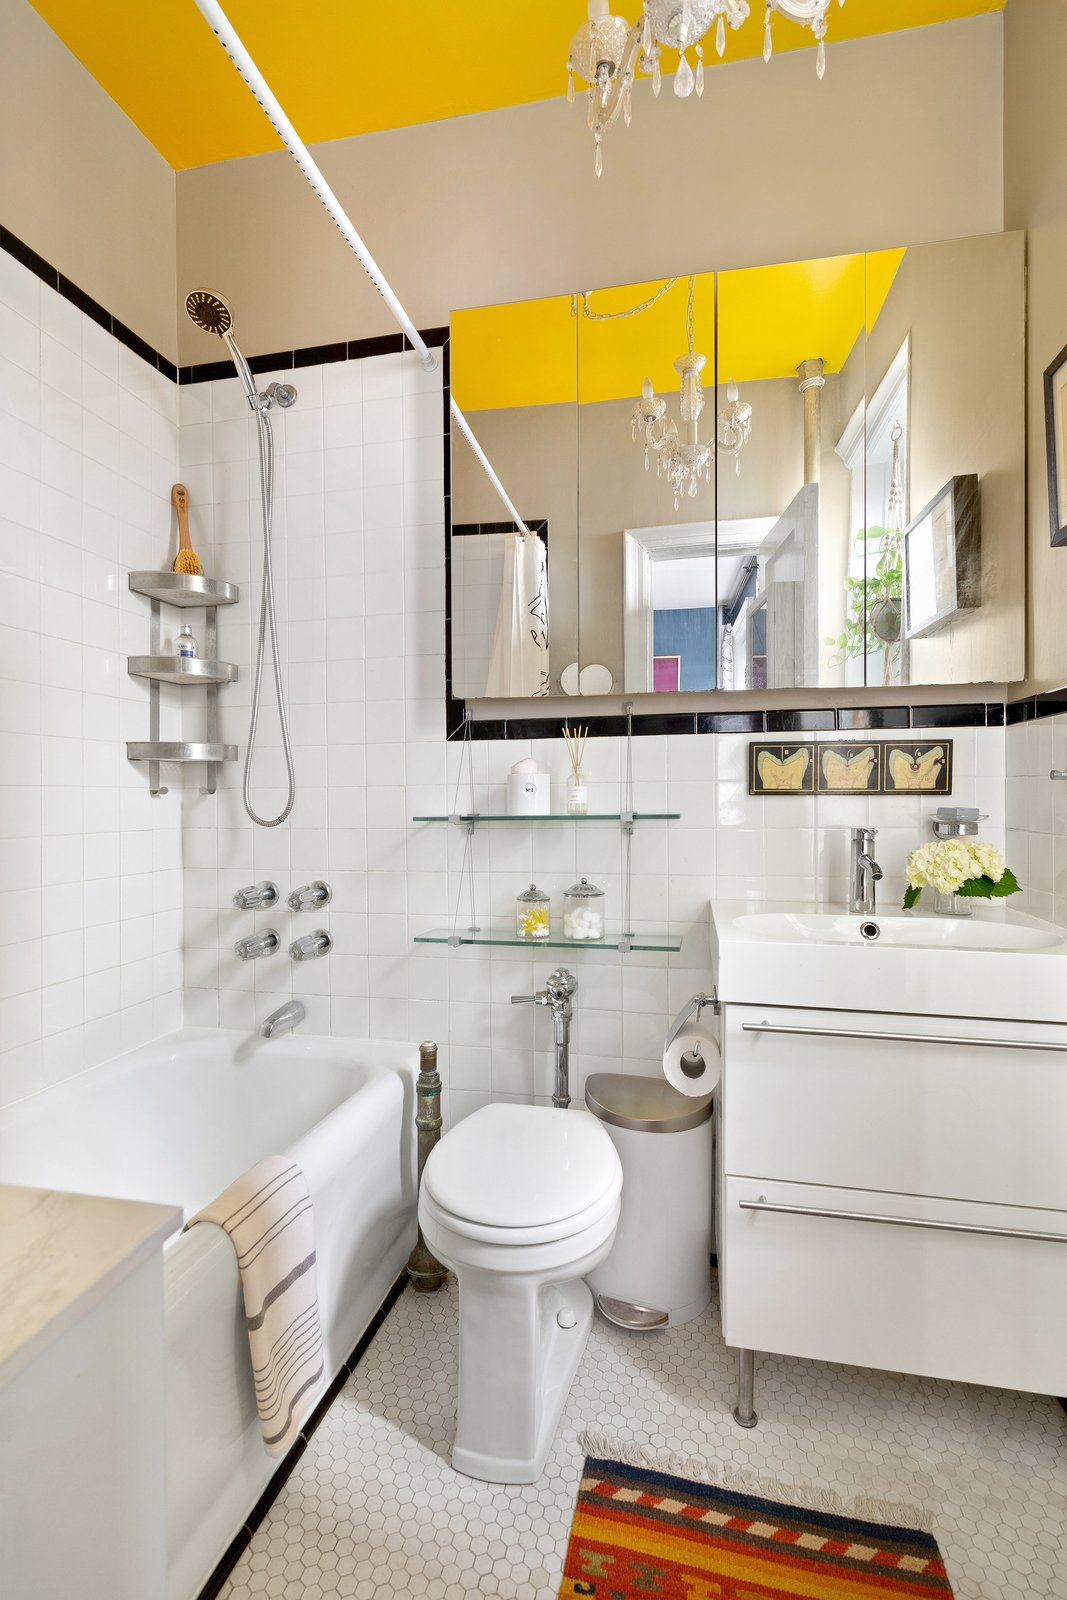 Brooklyn Prospect Heights micro flat bathroom